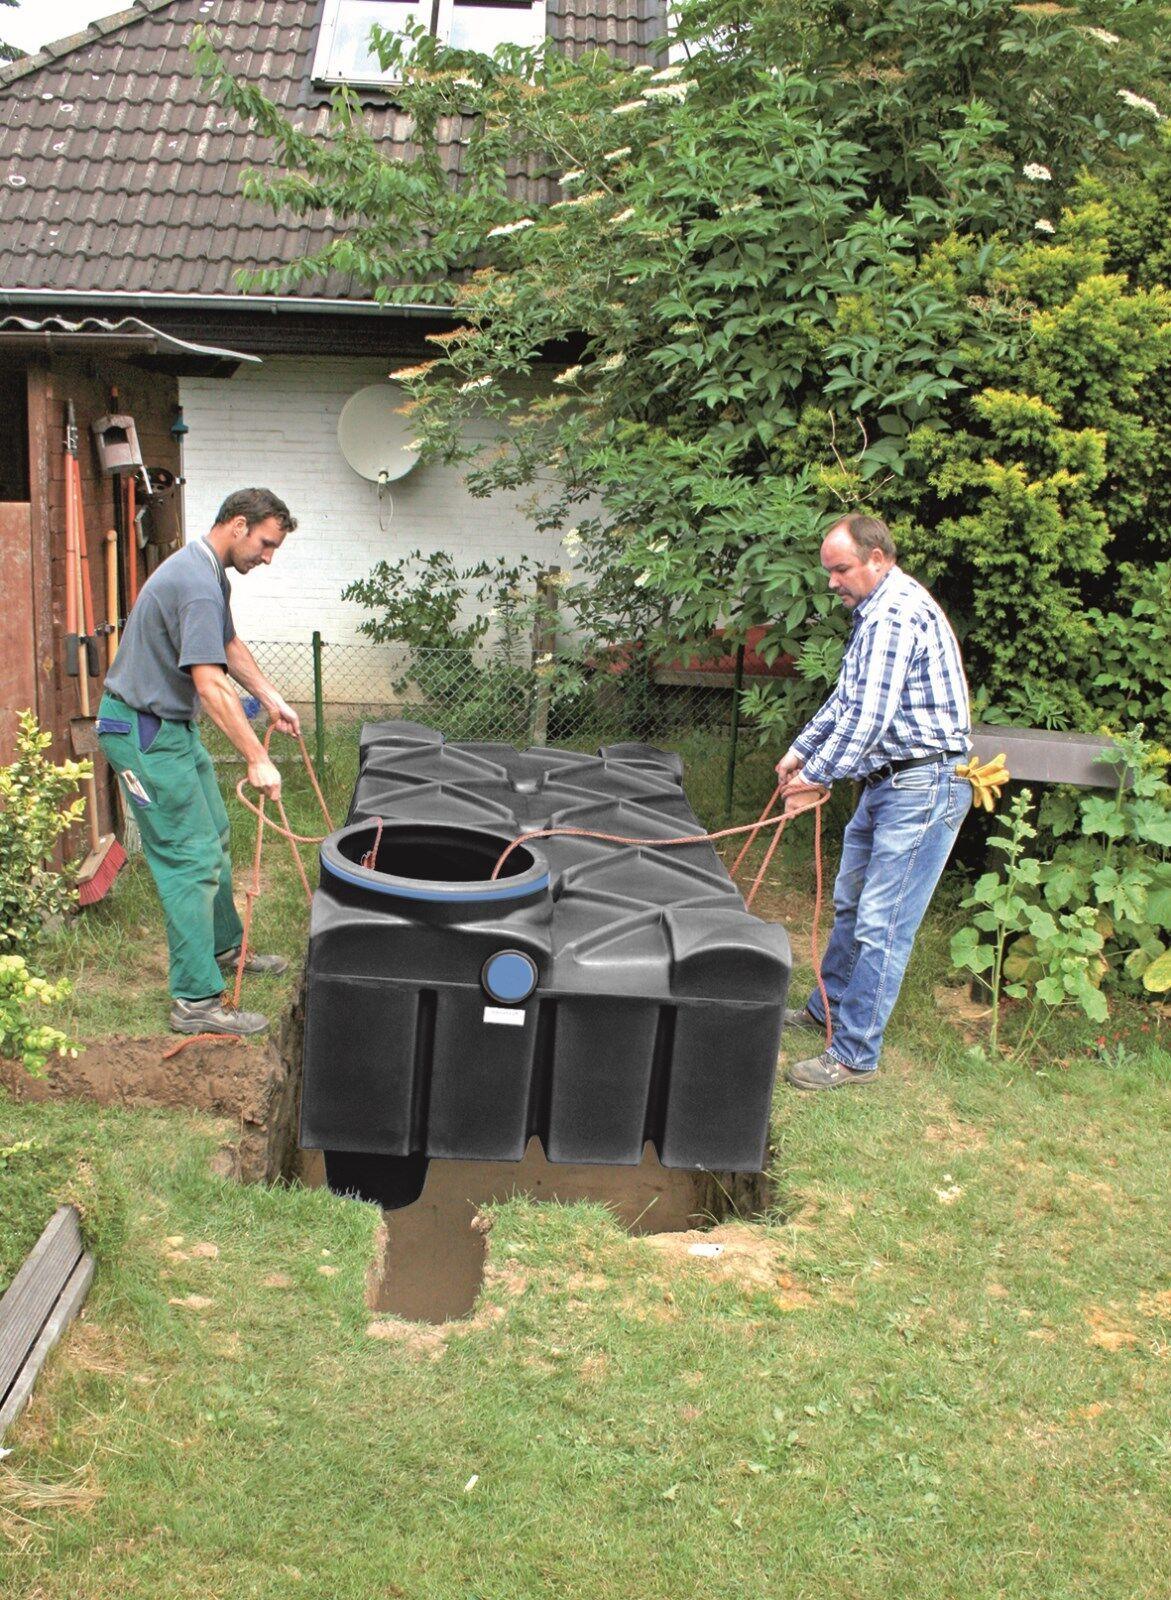 flachtank regenwassertank zisterne erdtank wassertank regenwasser